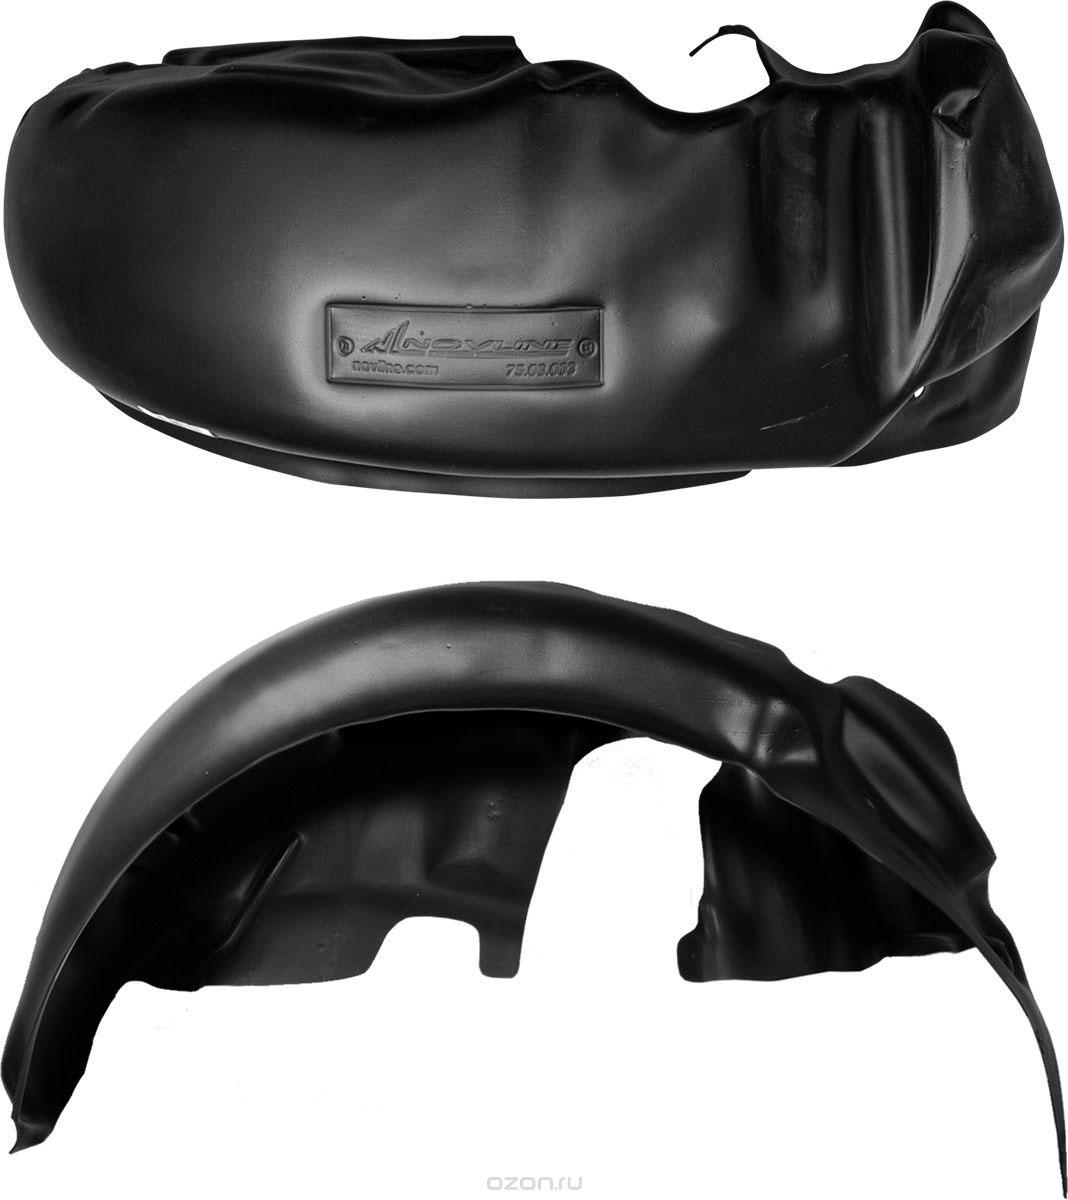 Подкрылок Novline-Autofamily, для Daewoo Nexia, 1995-2007, 2007->, передний правый002102Идеальная защита колесной ниши. Локеры разработаны с применением цифровых технологий, гарантируют максимальную повторяемость поверхности арки. Изделия устанавливаются без нарушения лакокрасочного покрытия автомобиля, каждый подкрылок комплектуется крепежом. Уважаемые клиенты, обращаем ваше внимание, что фотографии на подкрылки универсальные и не отражают реальную форму изделия. При этом само изделие идет точно под размер указанного автомобиля.